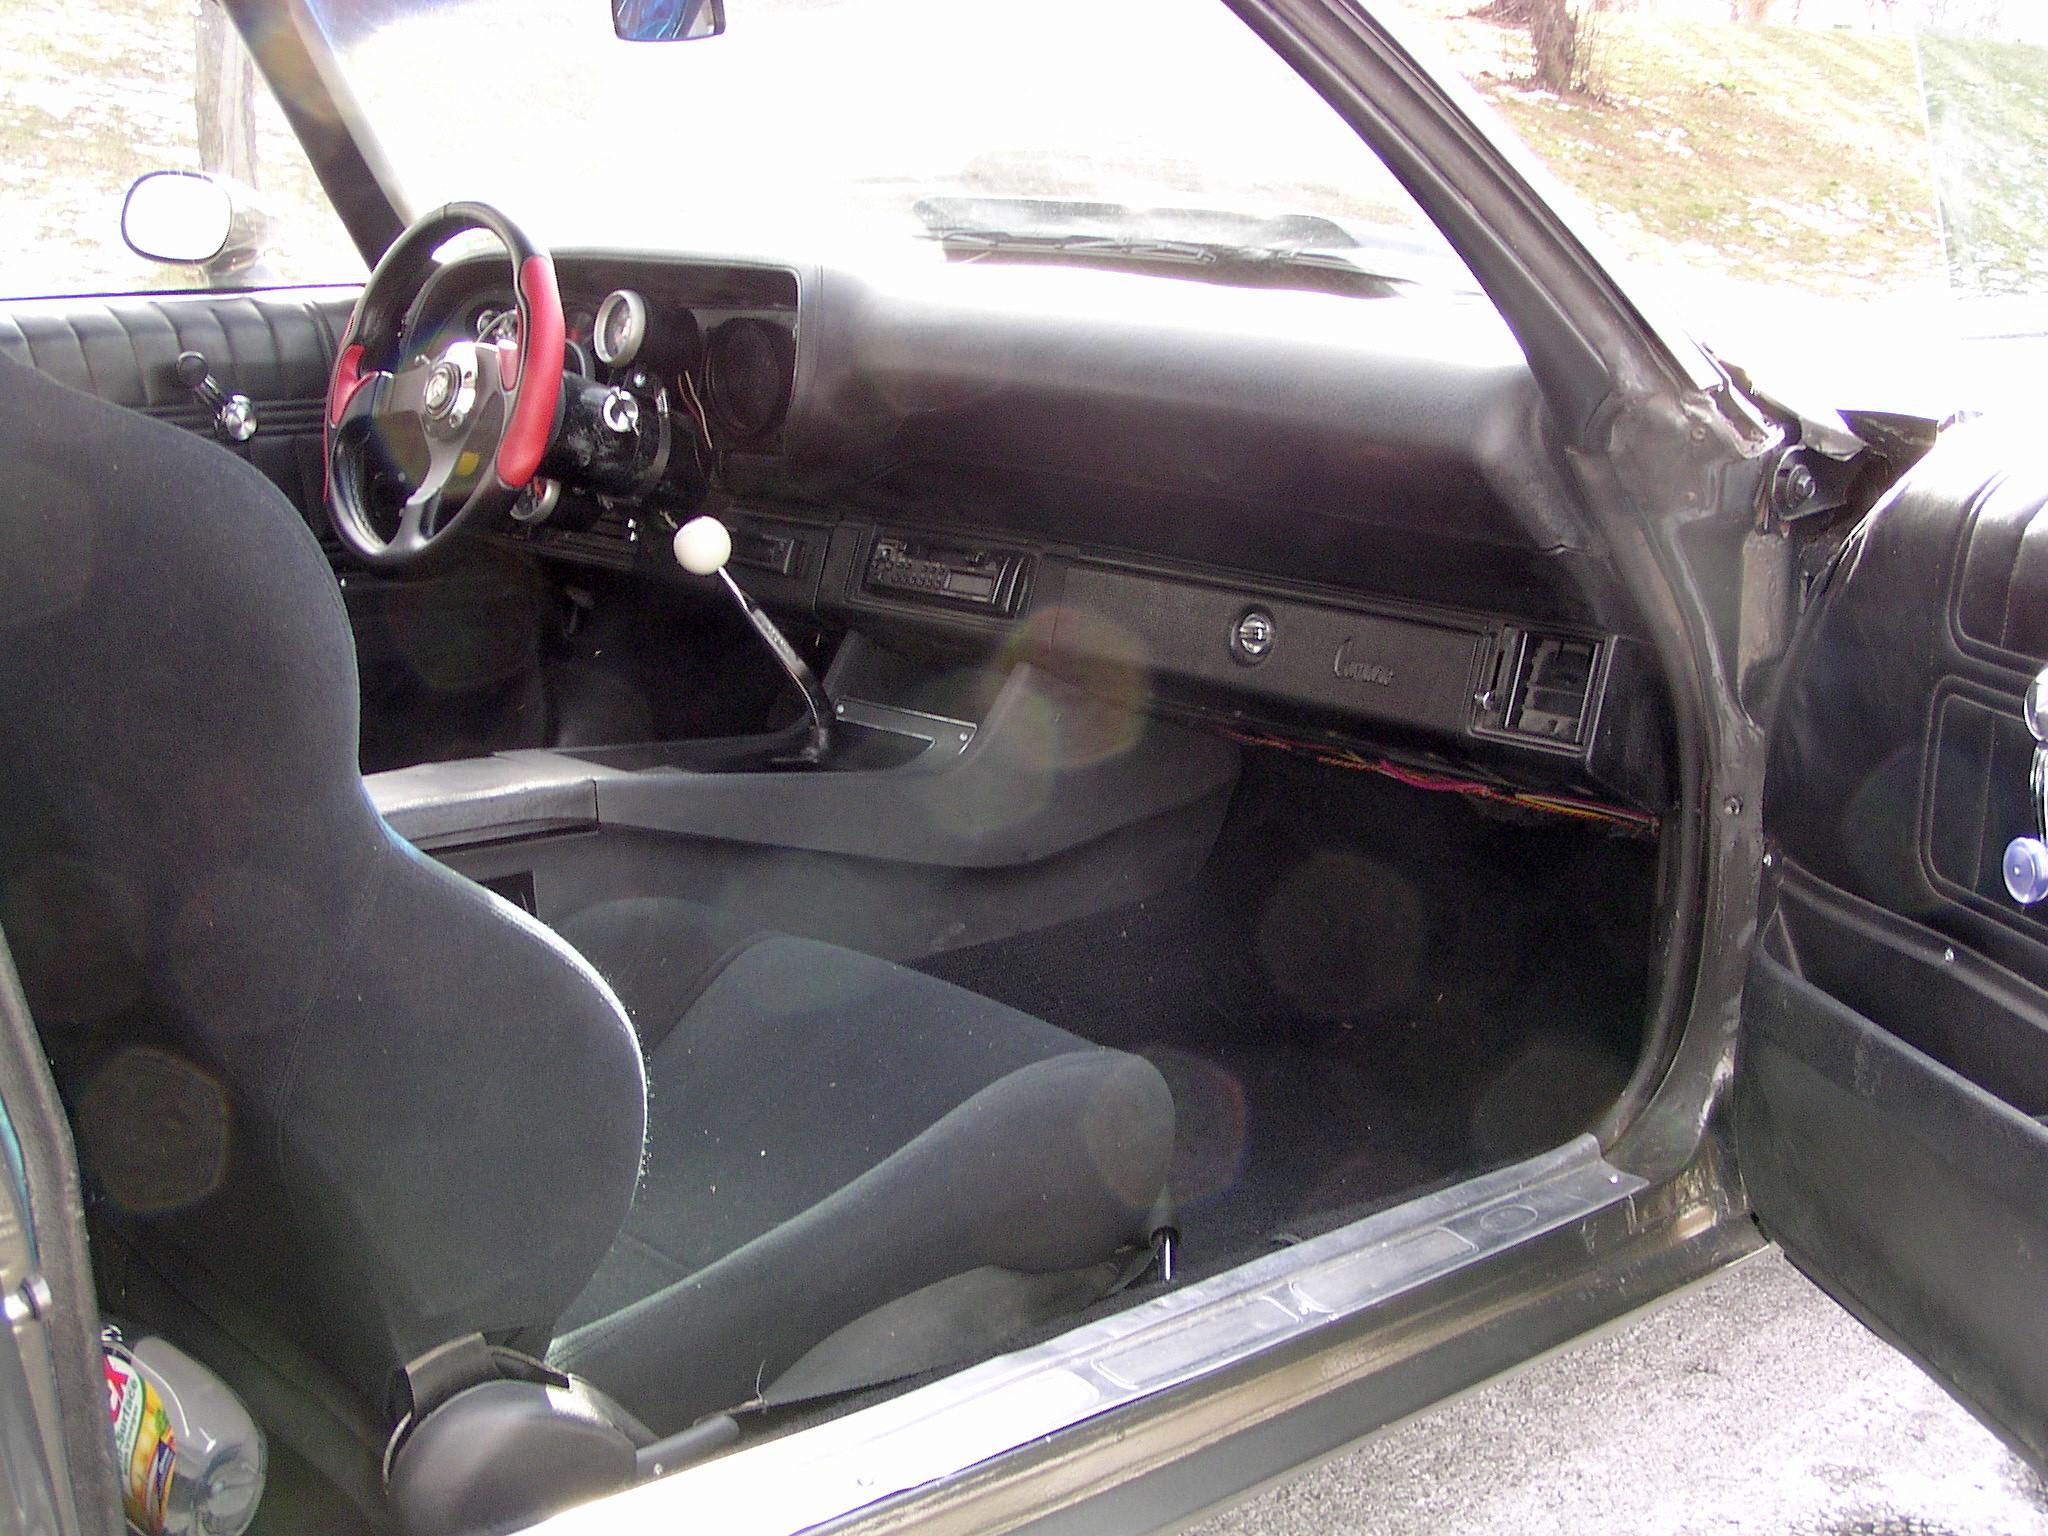 1970 Chevrolet Camaro Passenger side